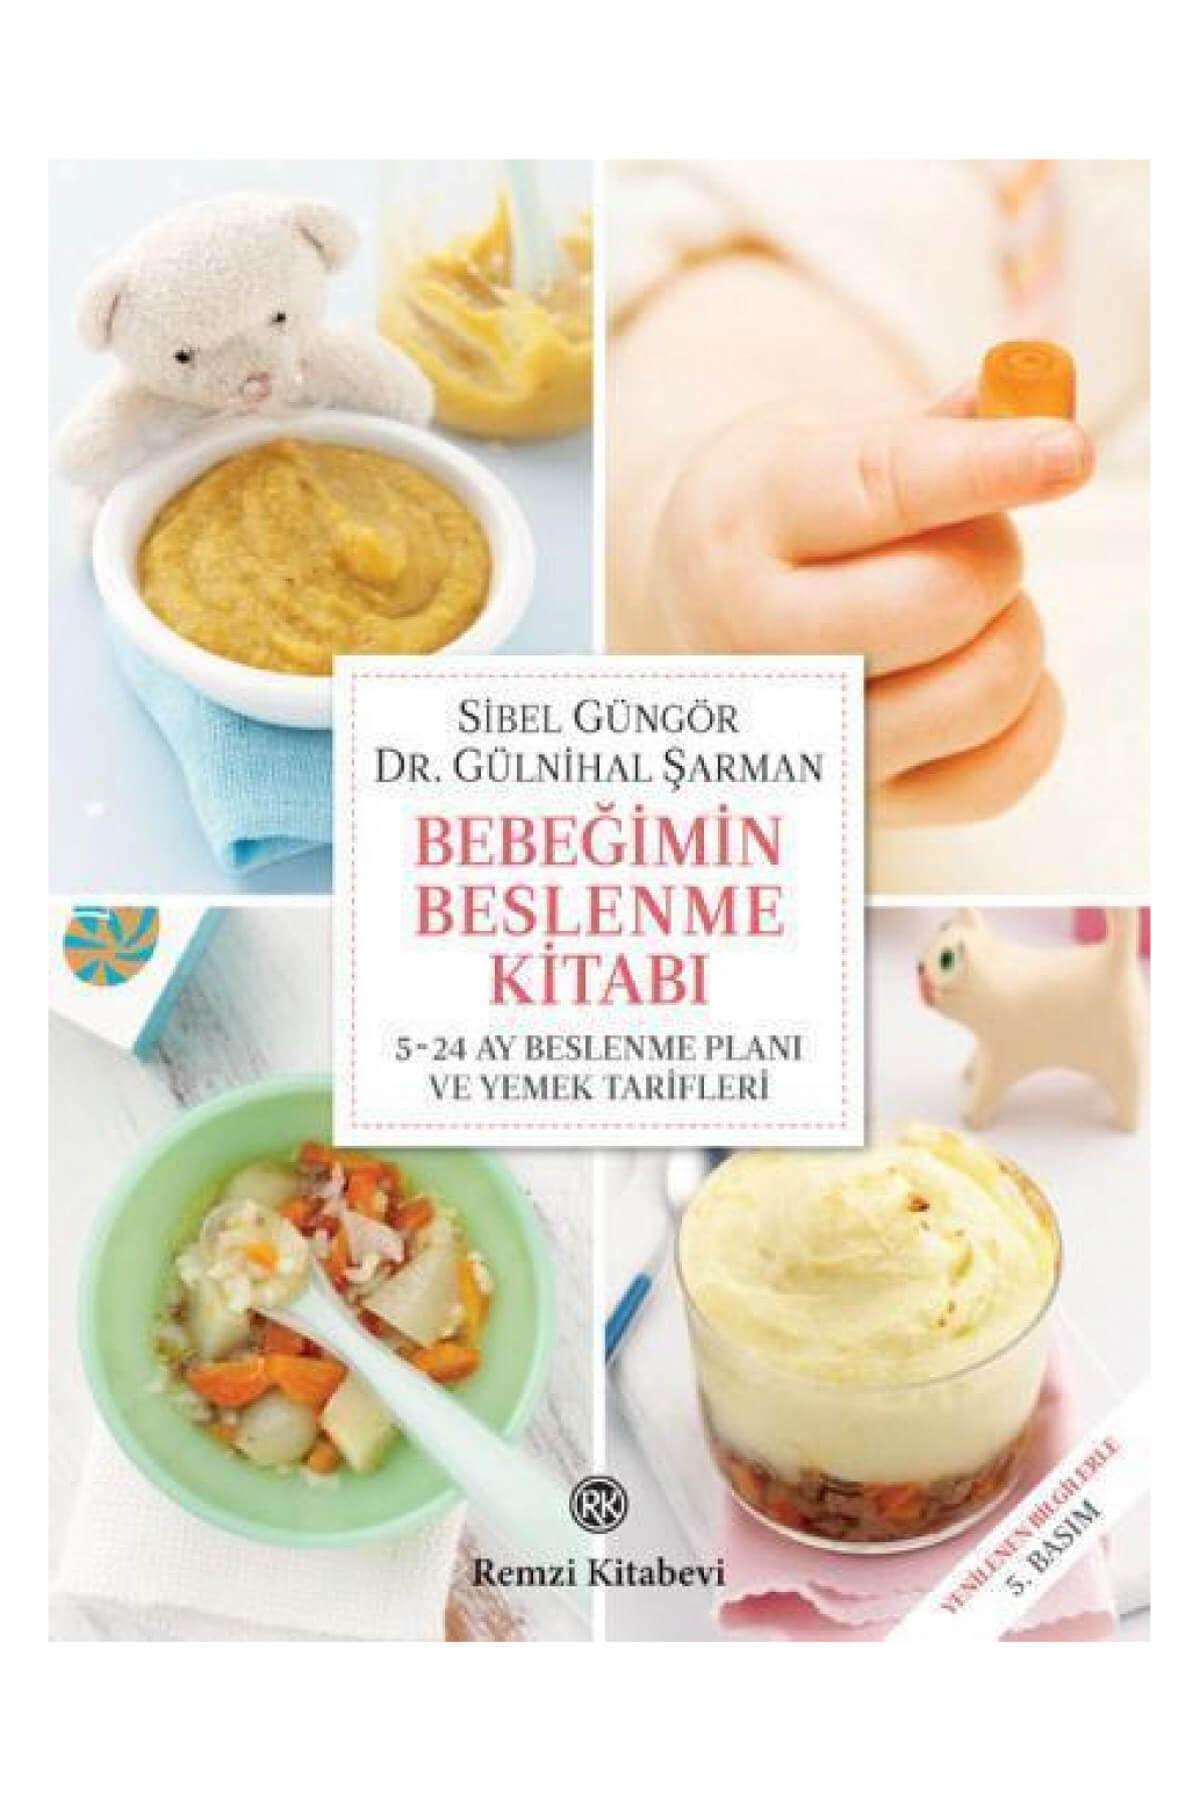 Remzi Kitabevi Bebeğimin Beslenme Kitabı Ve 5-24 Ay Beslenme Planı Ve Yemek Tarifleri 1